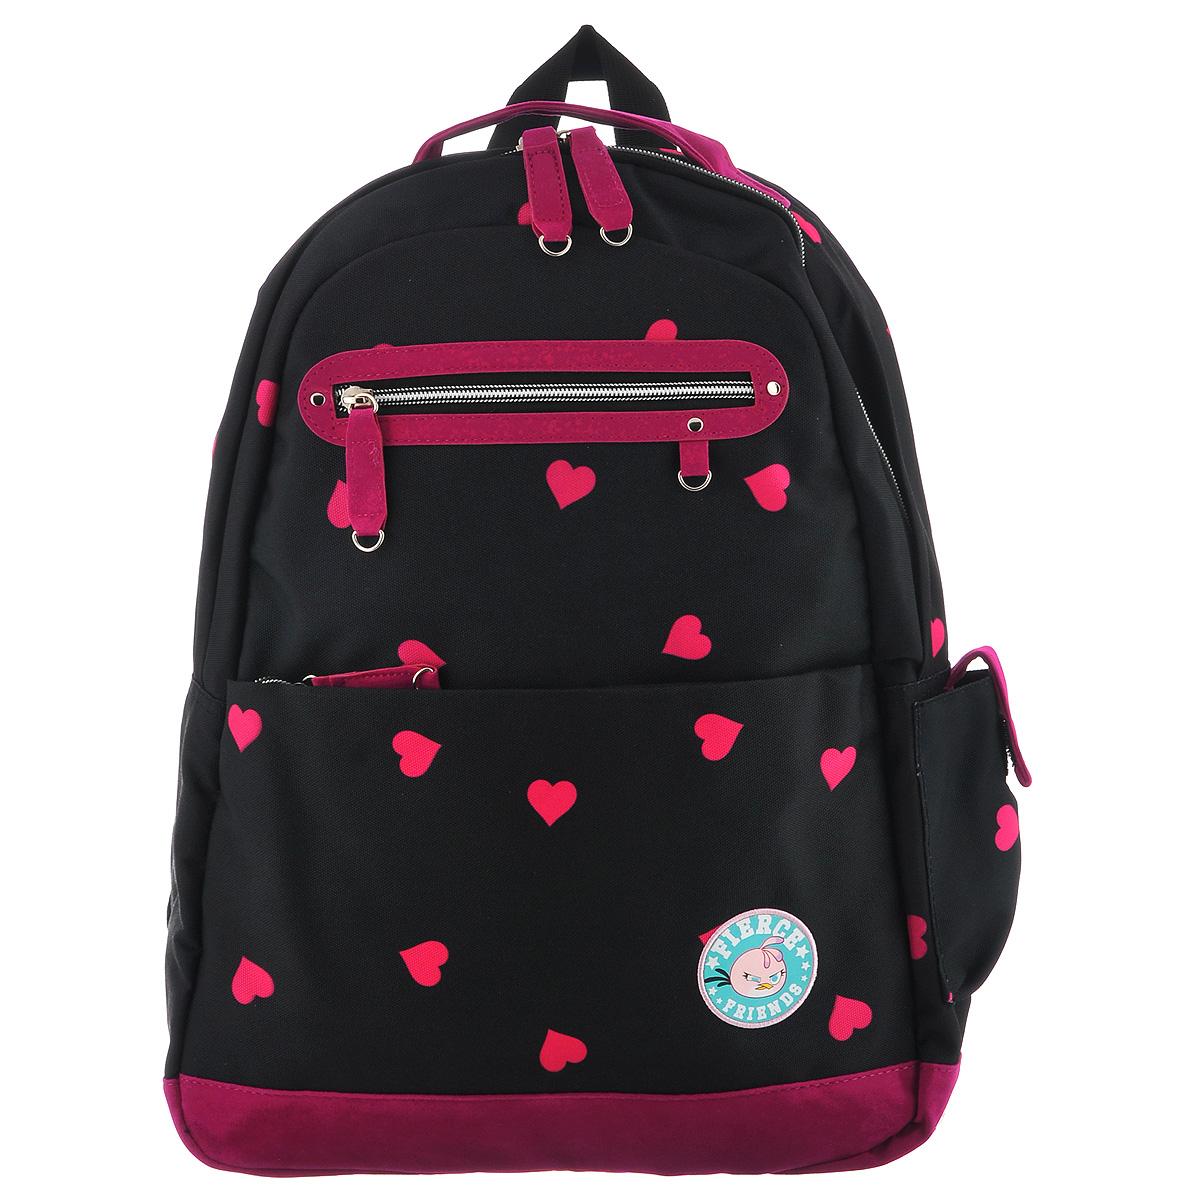 Рюкзак молодежный Angry Birds Stella, цвет: черный, темно-розовый. NRk_00632NRk_00632Рюкзак молодежный Angry Birds Stella сочетает в себе современный дизайн, функциональность и долговечность. Выполнено изделие из прочных, высококачественных материалов черного и темно-розового цветов. Содержит рюкзак одно вместительное отделение, закрывающееся на застежку-молнии с двумя бегунками. Лицевая сторона оснащена двумя карманами на молнии: накладным и прорезным. Сбоку имеется карман, закрывающийся хлястиком на липучке. Рюкзак оснащен регулируемыми по длине широкими плечевыми лямками, дополнен текстильной ручкой для переноски, а также петлей для подвешивания. Этот рюкзак разработан специально для людей стильных и модных, любящих быть в центре внимания. Рекомендуемый возраст: от 10 лет.